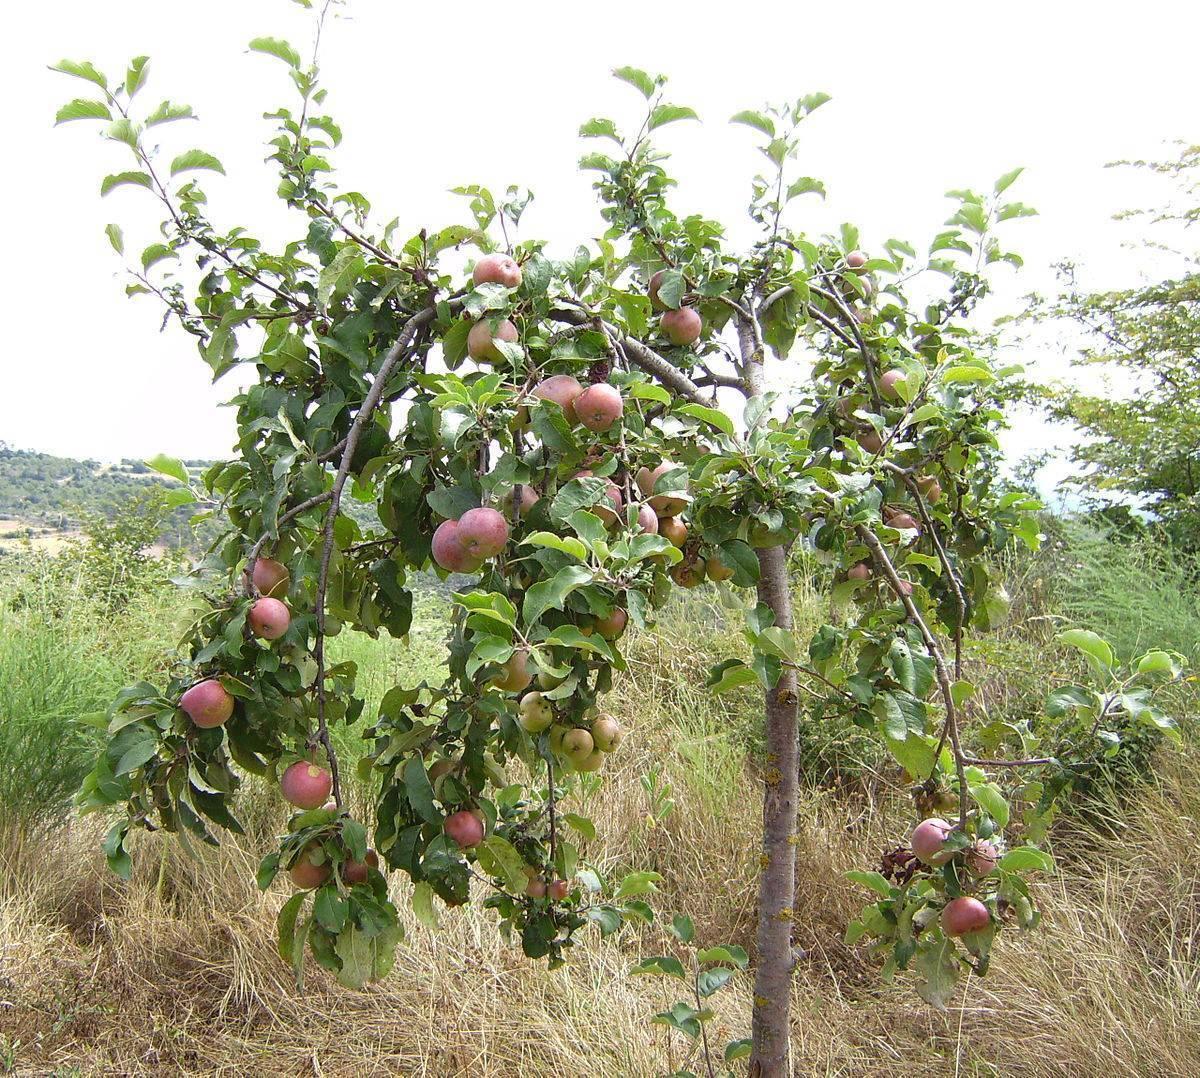 Лечение цветами яблони. цветы яблони против гастрита и иных заболеваний. положительные свойства цветов яблони